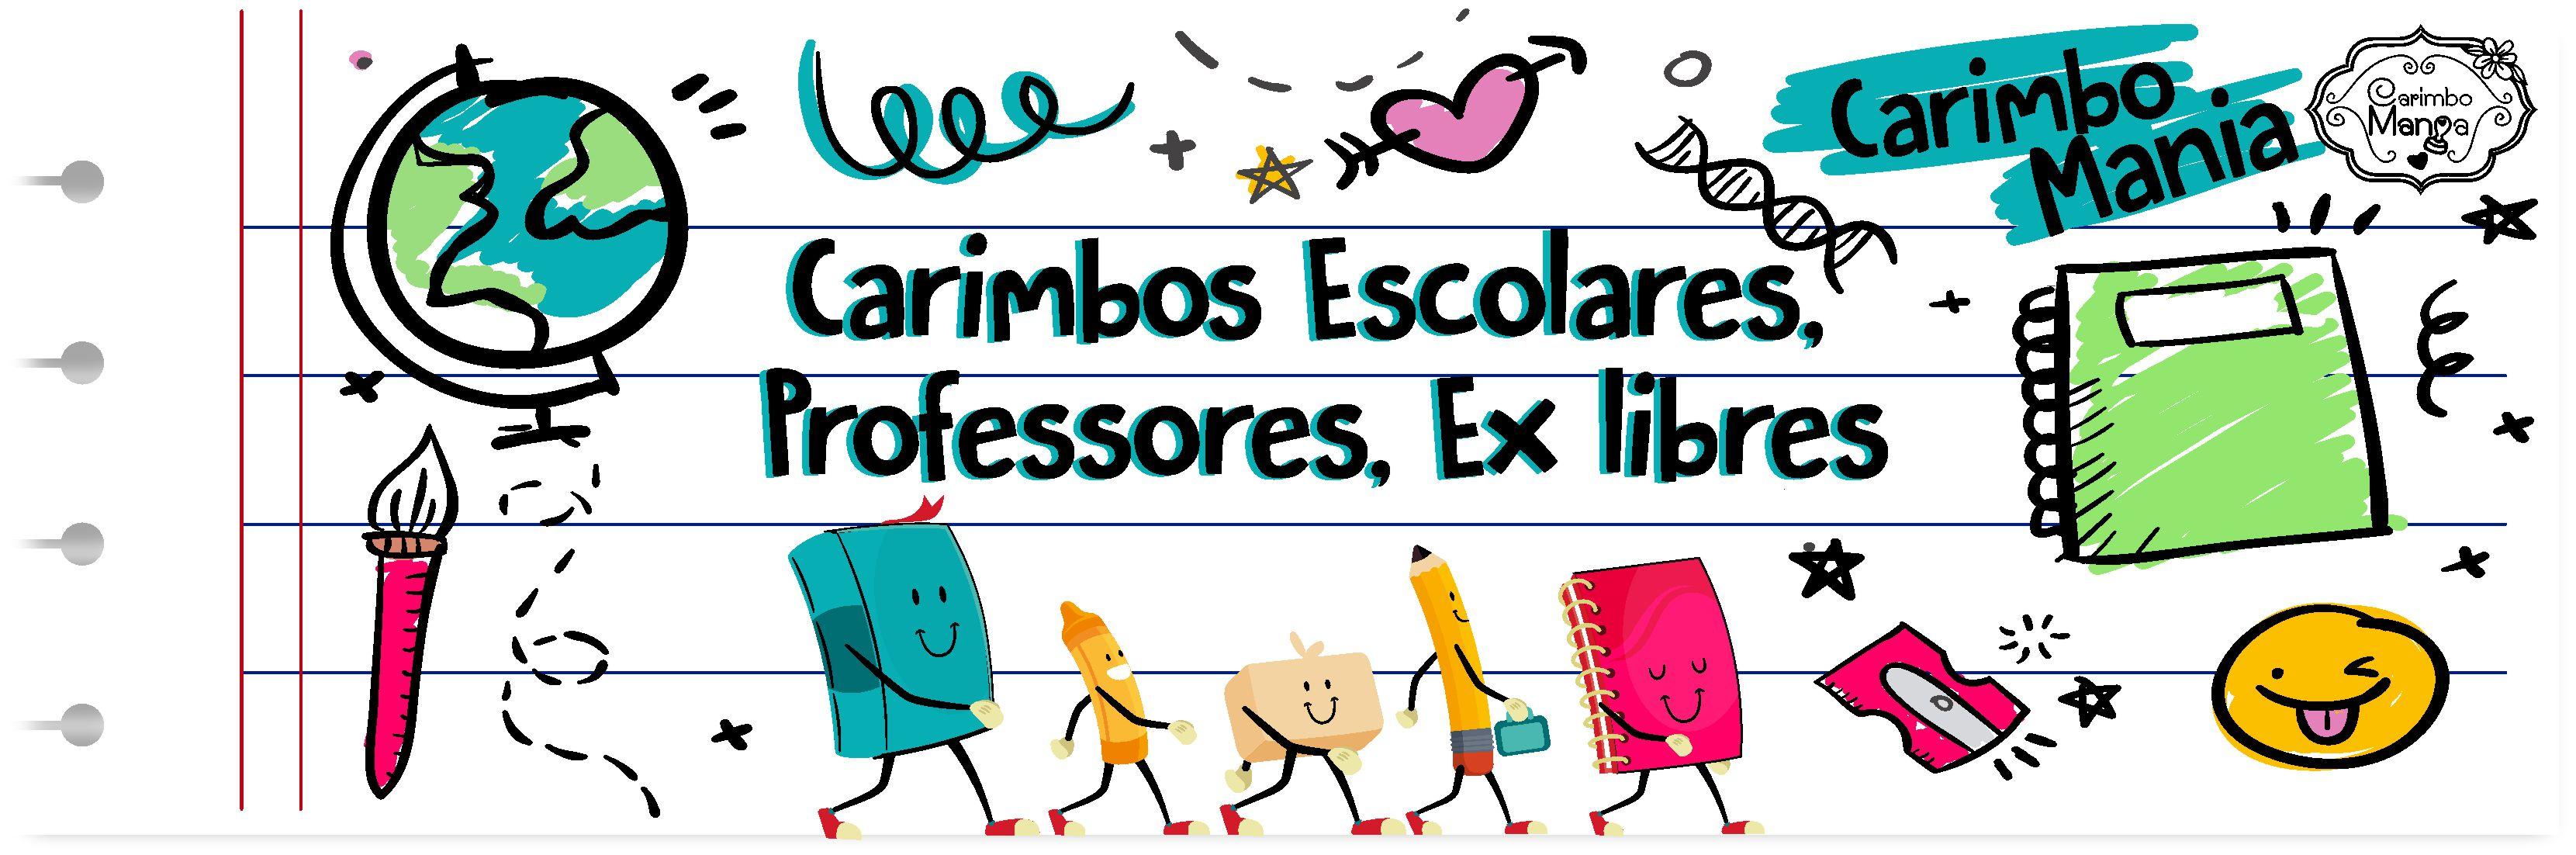 Carimbos Escolares, Professores, Ex libris